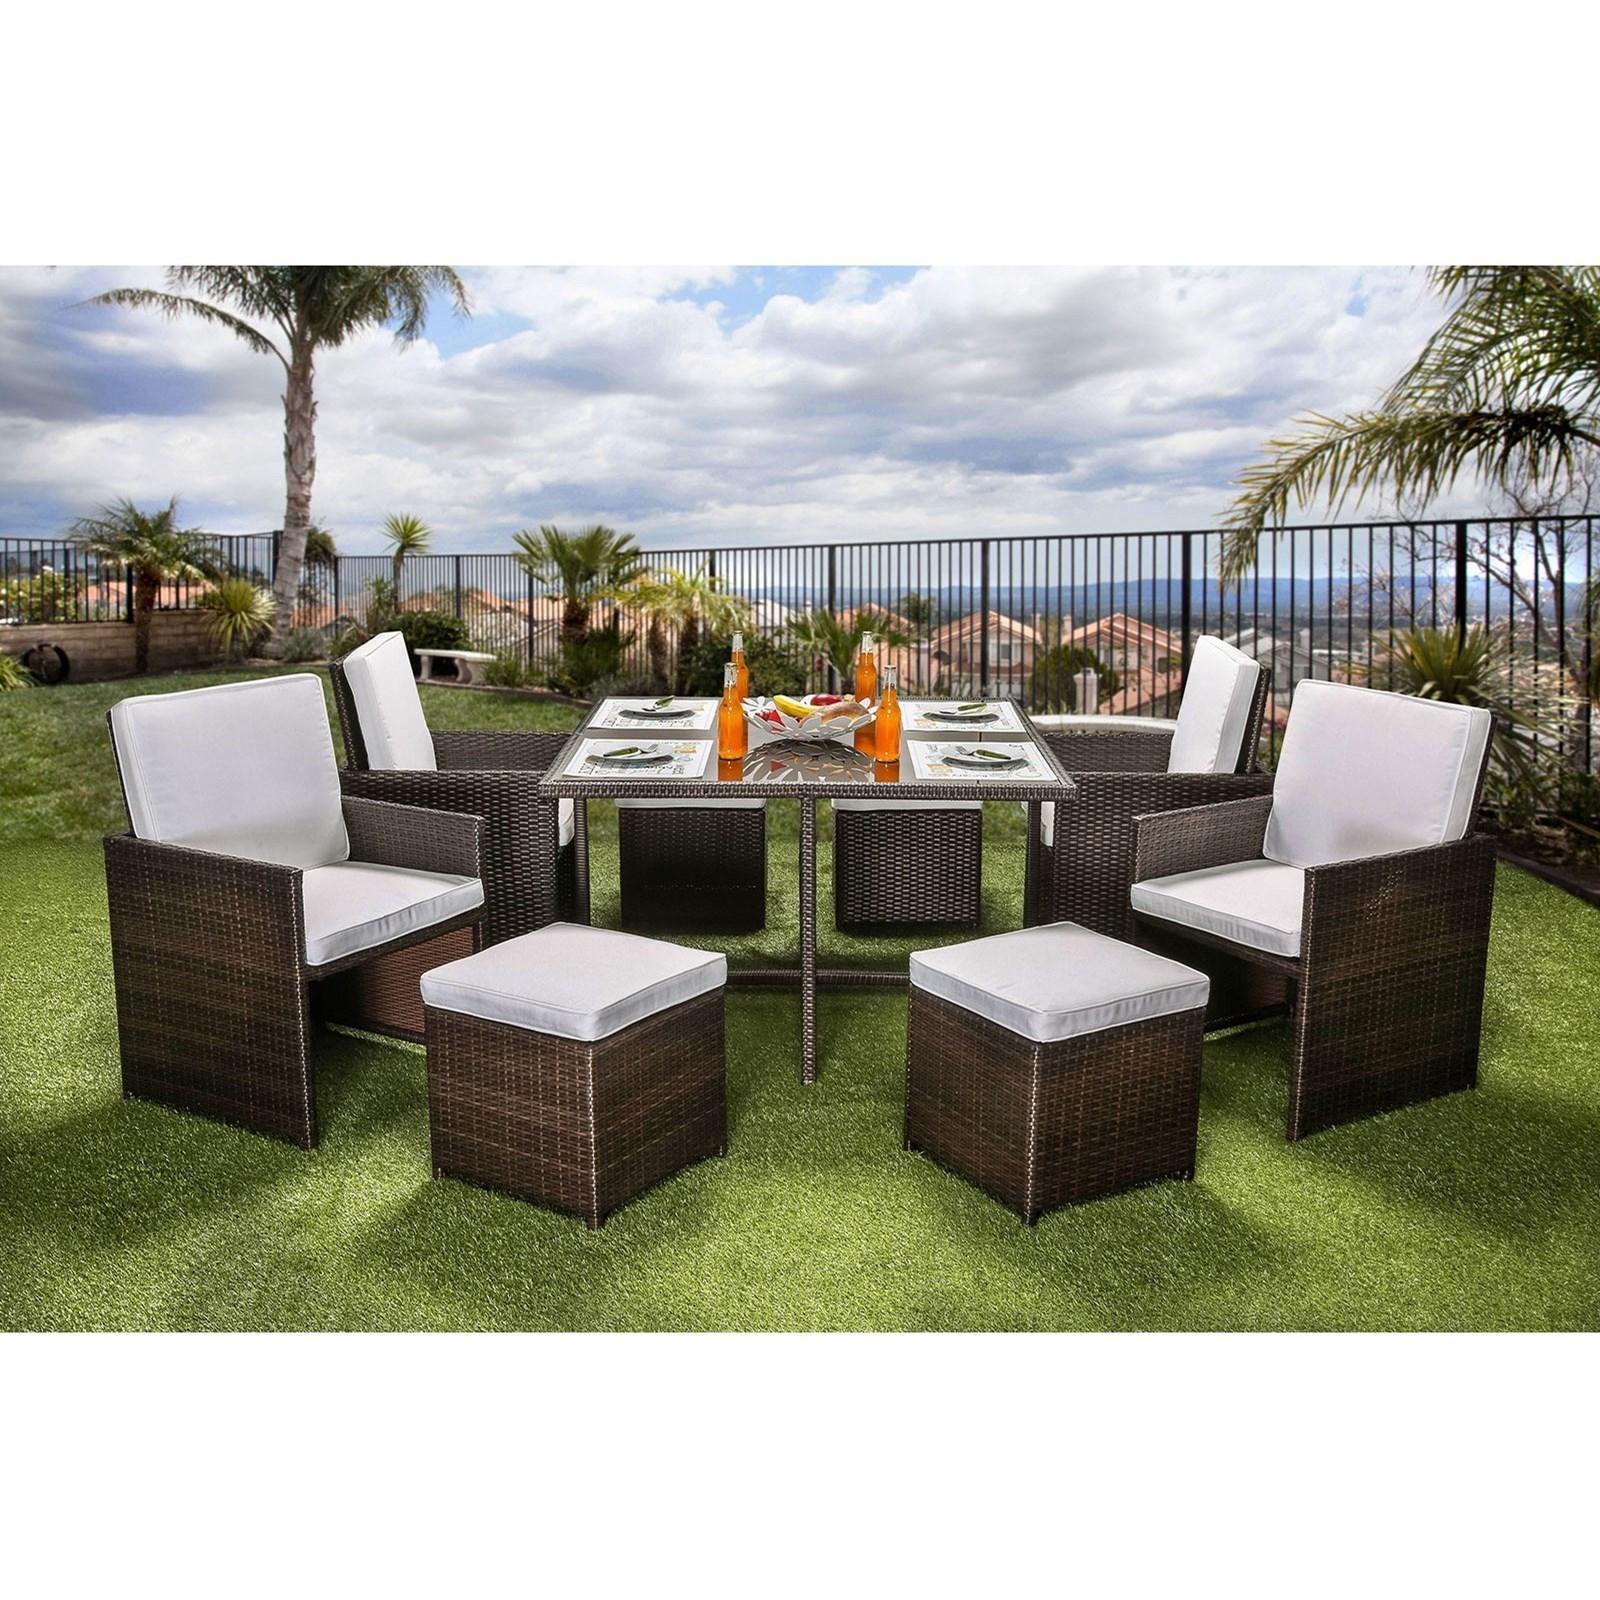 keisha 9 pc patio dining set